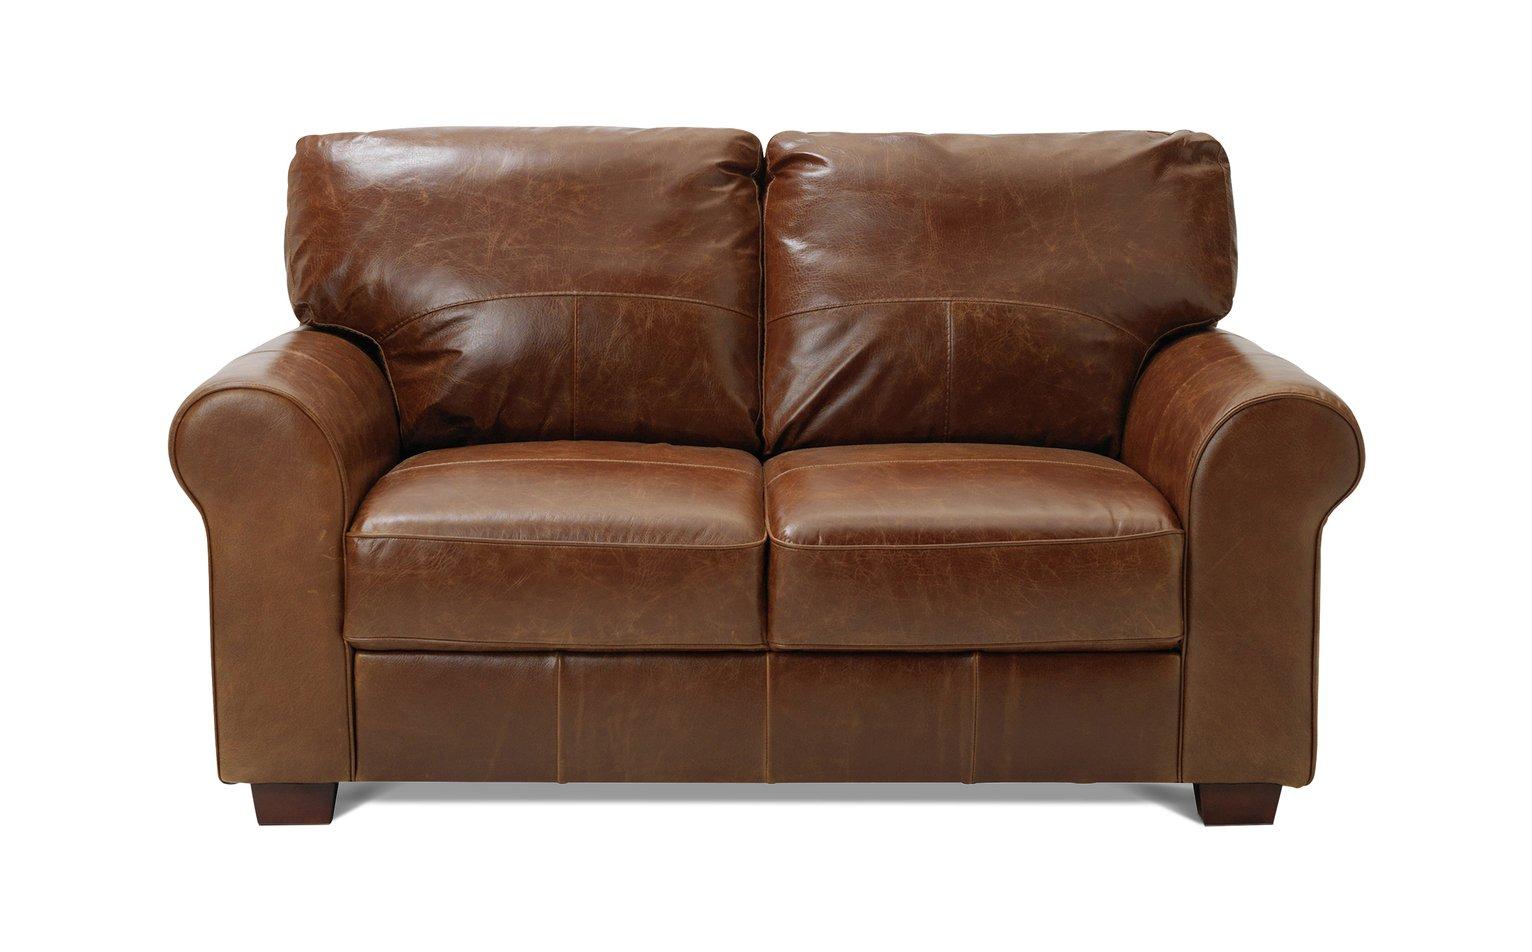 Argos Leather Sofas Reviews Brokeasshome com